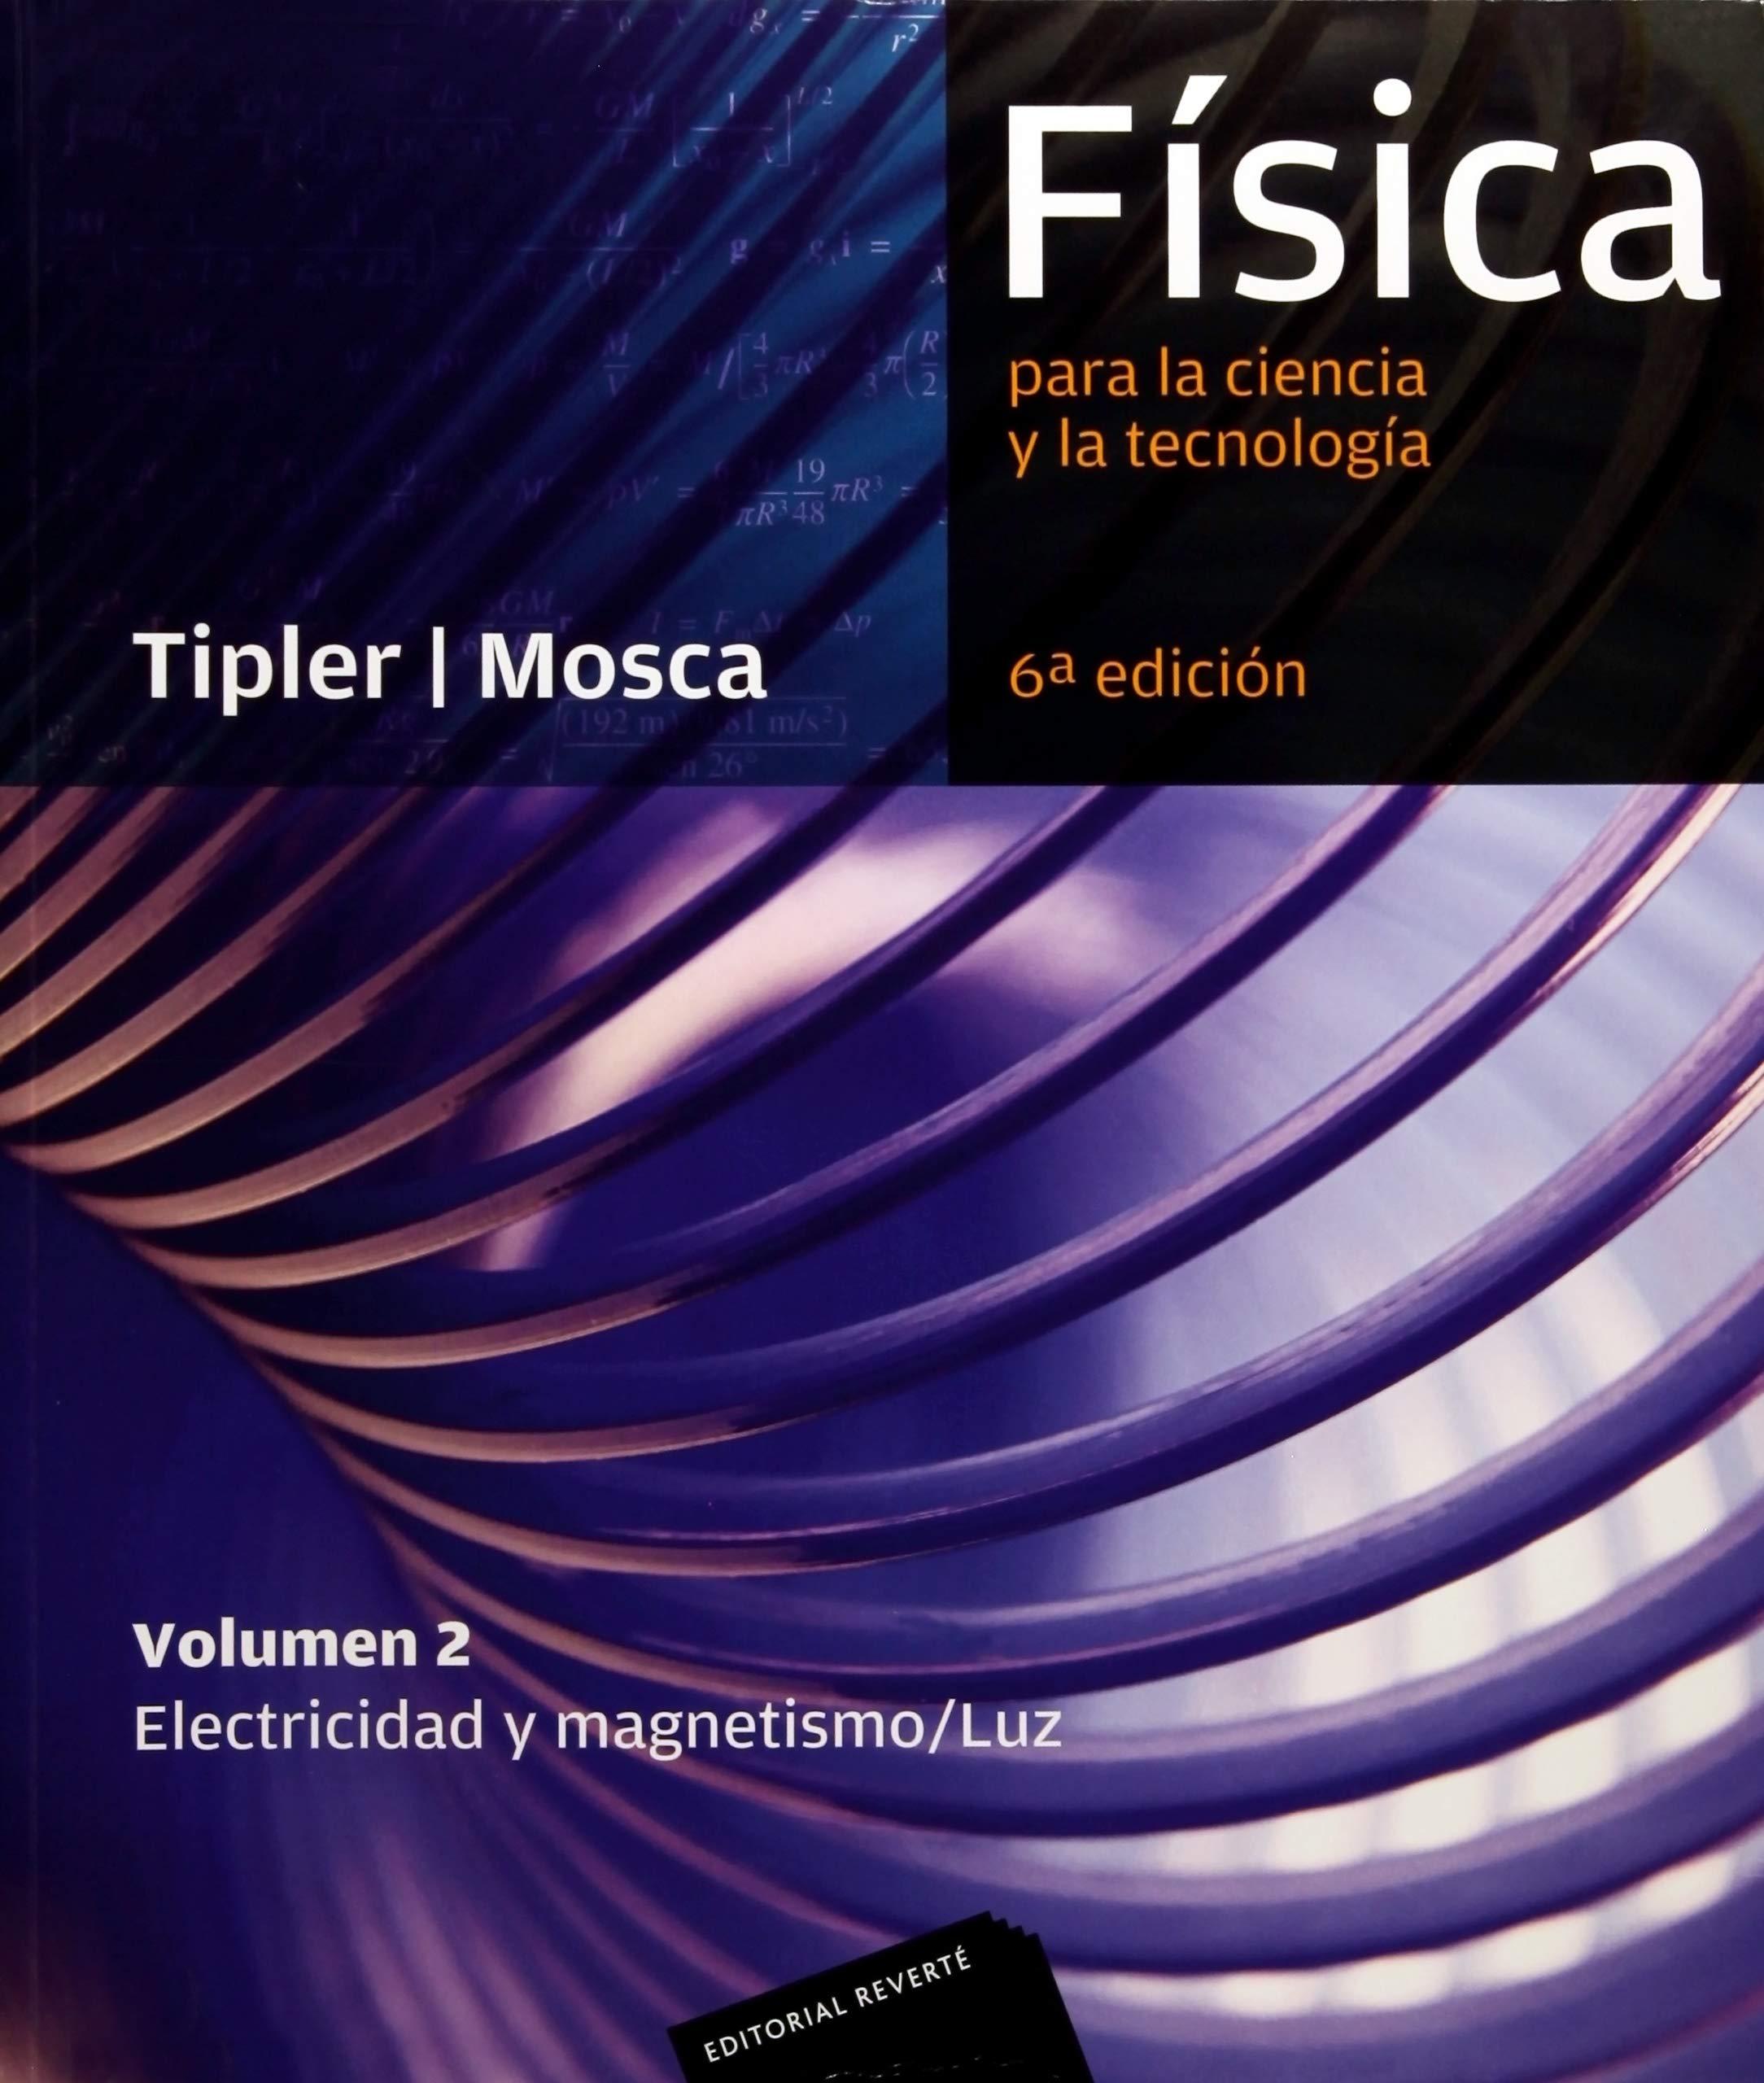 Física para la ciencia y la tecnología, Vol. 2: Electricidad y magnetismo/ Luz, 6ª Edicion Tapa blanda – 1 ene 2010 Paul Allen Tipler Gene Mosca Editorial Reverte 8429144307